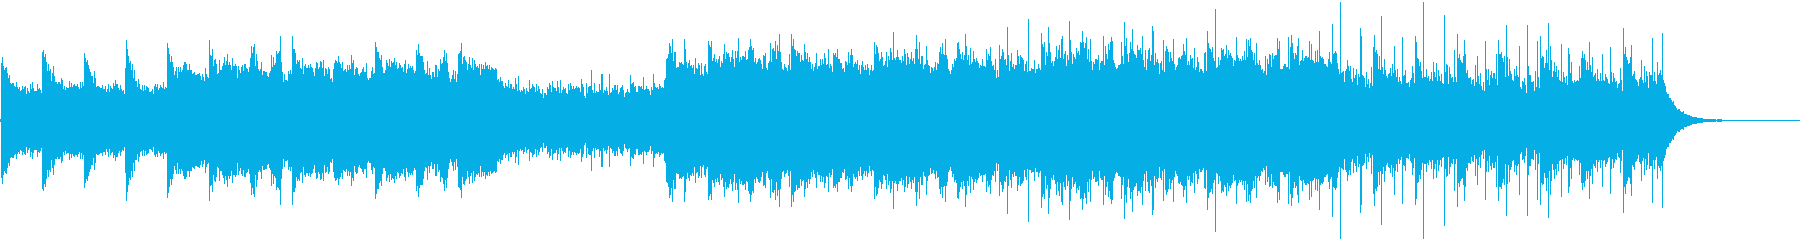 エレガントで幻想的なBGMの再生済みの波形